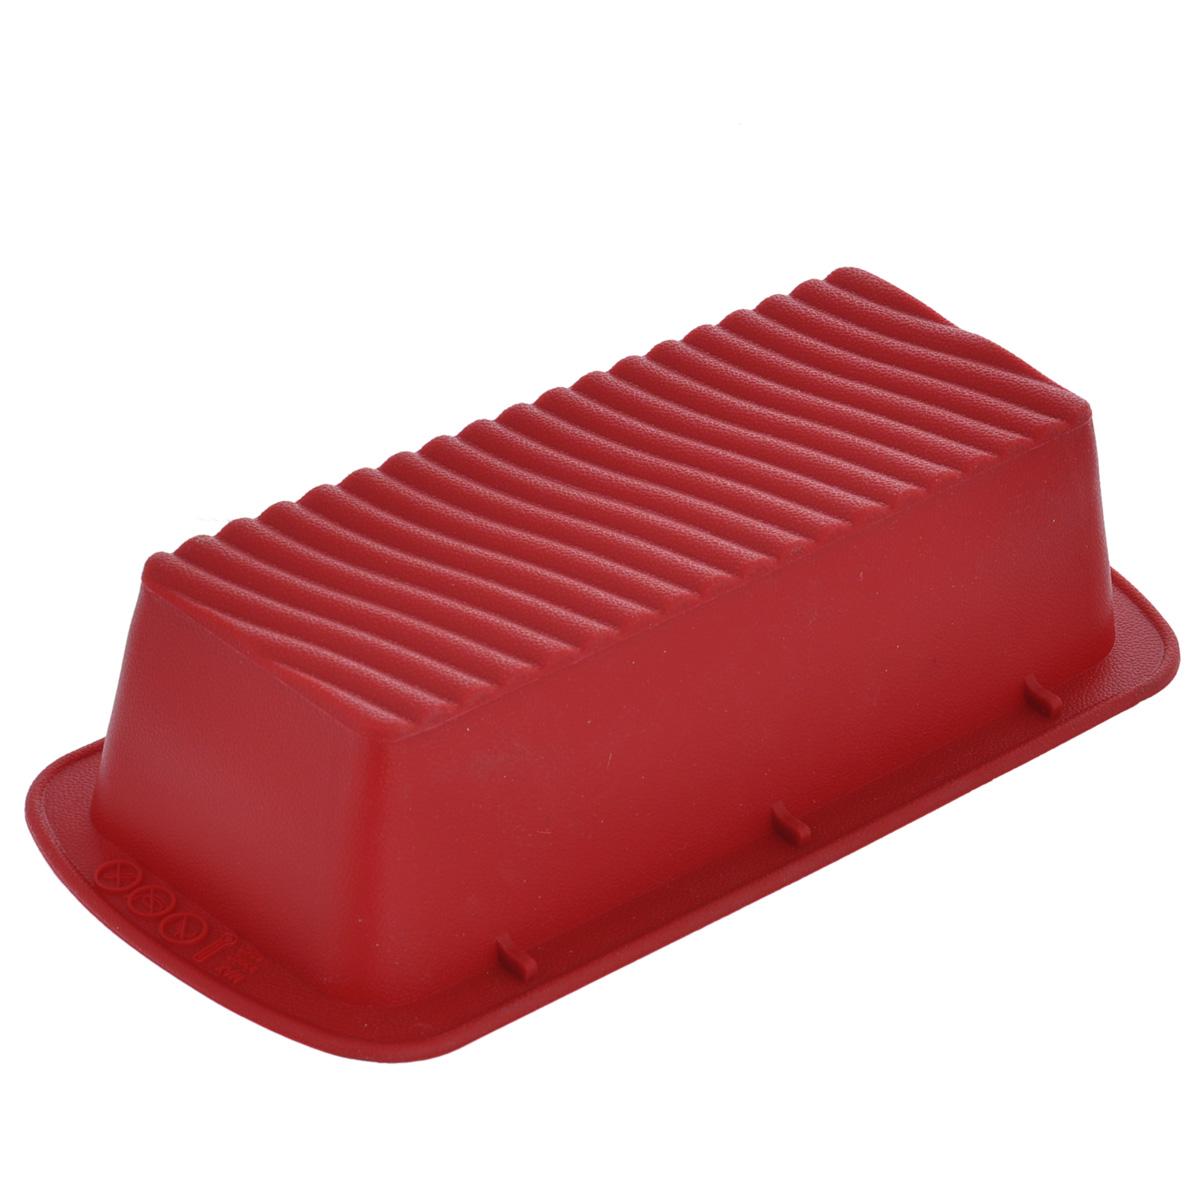 Форма для выпечки хлеба Tescoma Delicia Silicone, прямоугольная, цвет:красный, 27 х 13,5 см629244Прямоугольная форма Tescoma Delicia Silicone будет отличным выбором для всех любителей выпечки. Благодаря тому, что форма изготовлена из силикона, готовую выпечку вынимать легко и просто. Изделие оснащено удобными ручками и рельефным дном. Форма прекрасно подходит для выпечки хлеба и рулетов. С такой формой вы всегда сможете порадовать своих близких оригинальной выпечкой. Материал изделия устойчив к фруктовым кислотам, может быть использован в духовках, микроволновых печах, холодильниках и морозильных камерах (выдерживает температуру от -40°C до 230°C). Антипригарные свойства материала позволяют готовить без использования масла. Можно мыть и сушить в посудомоечной машине. При работе с формой используйте кухонный инструмент из силикона - кисти, лопатки, скребки. Не ставьте форму на электрическую конфорку. Не разрезайте выпечку прямо в форме.